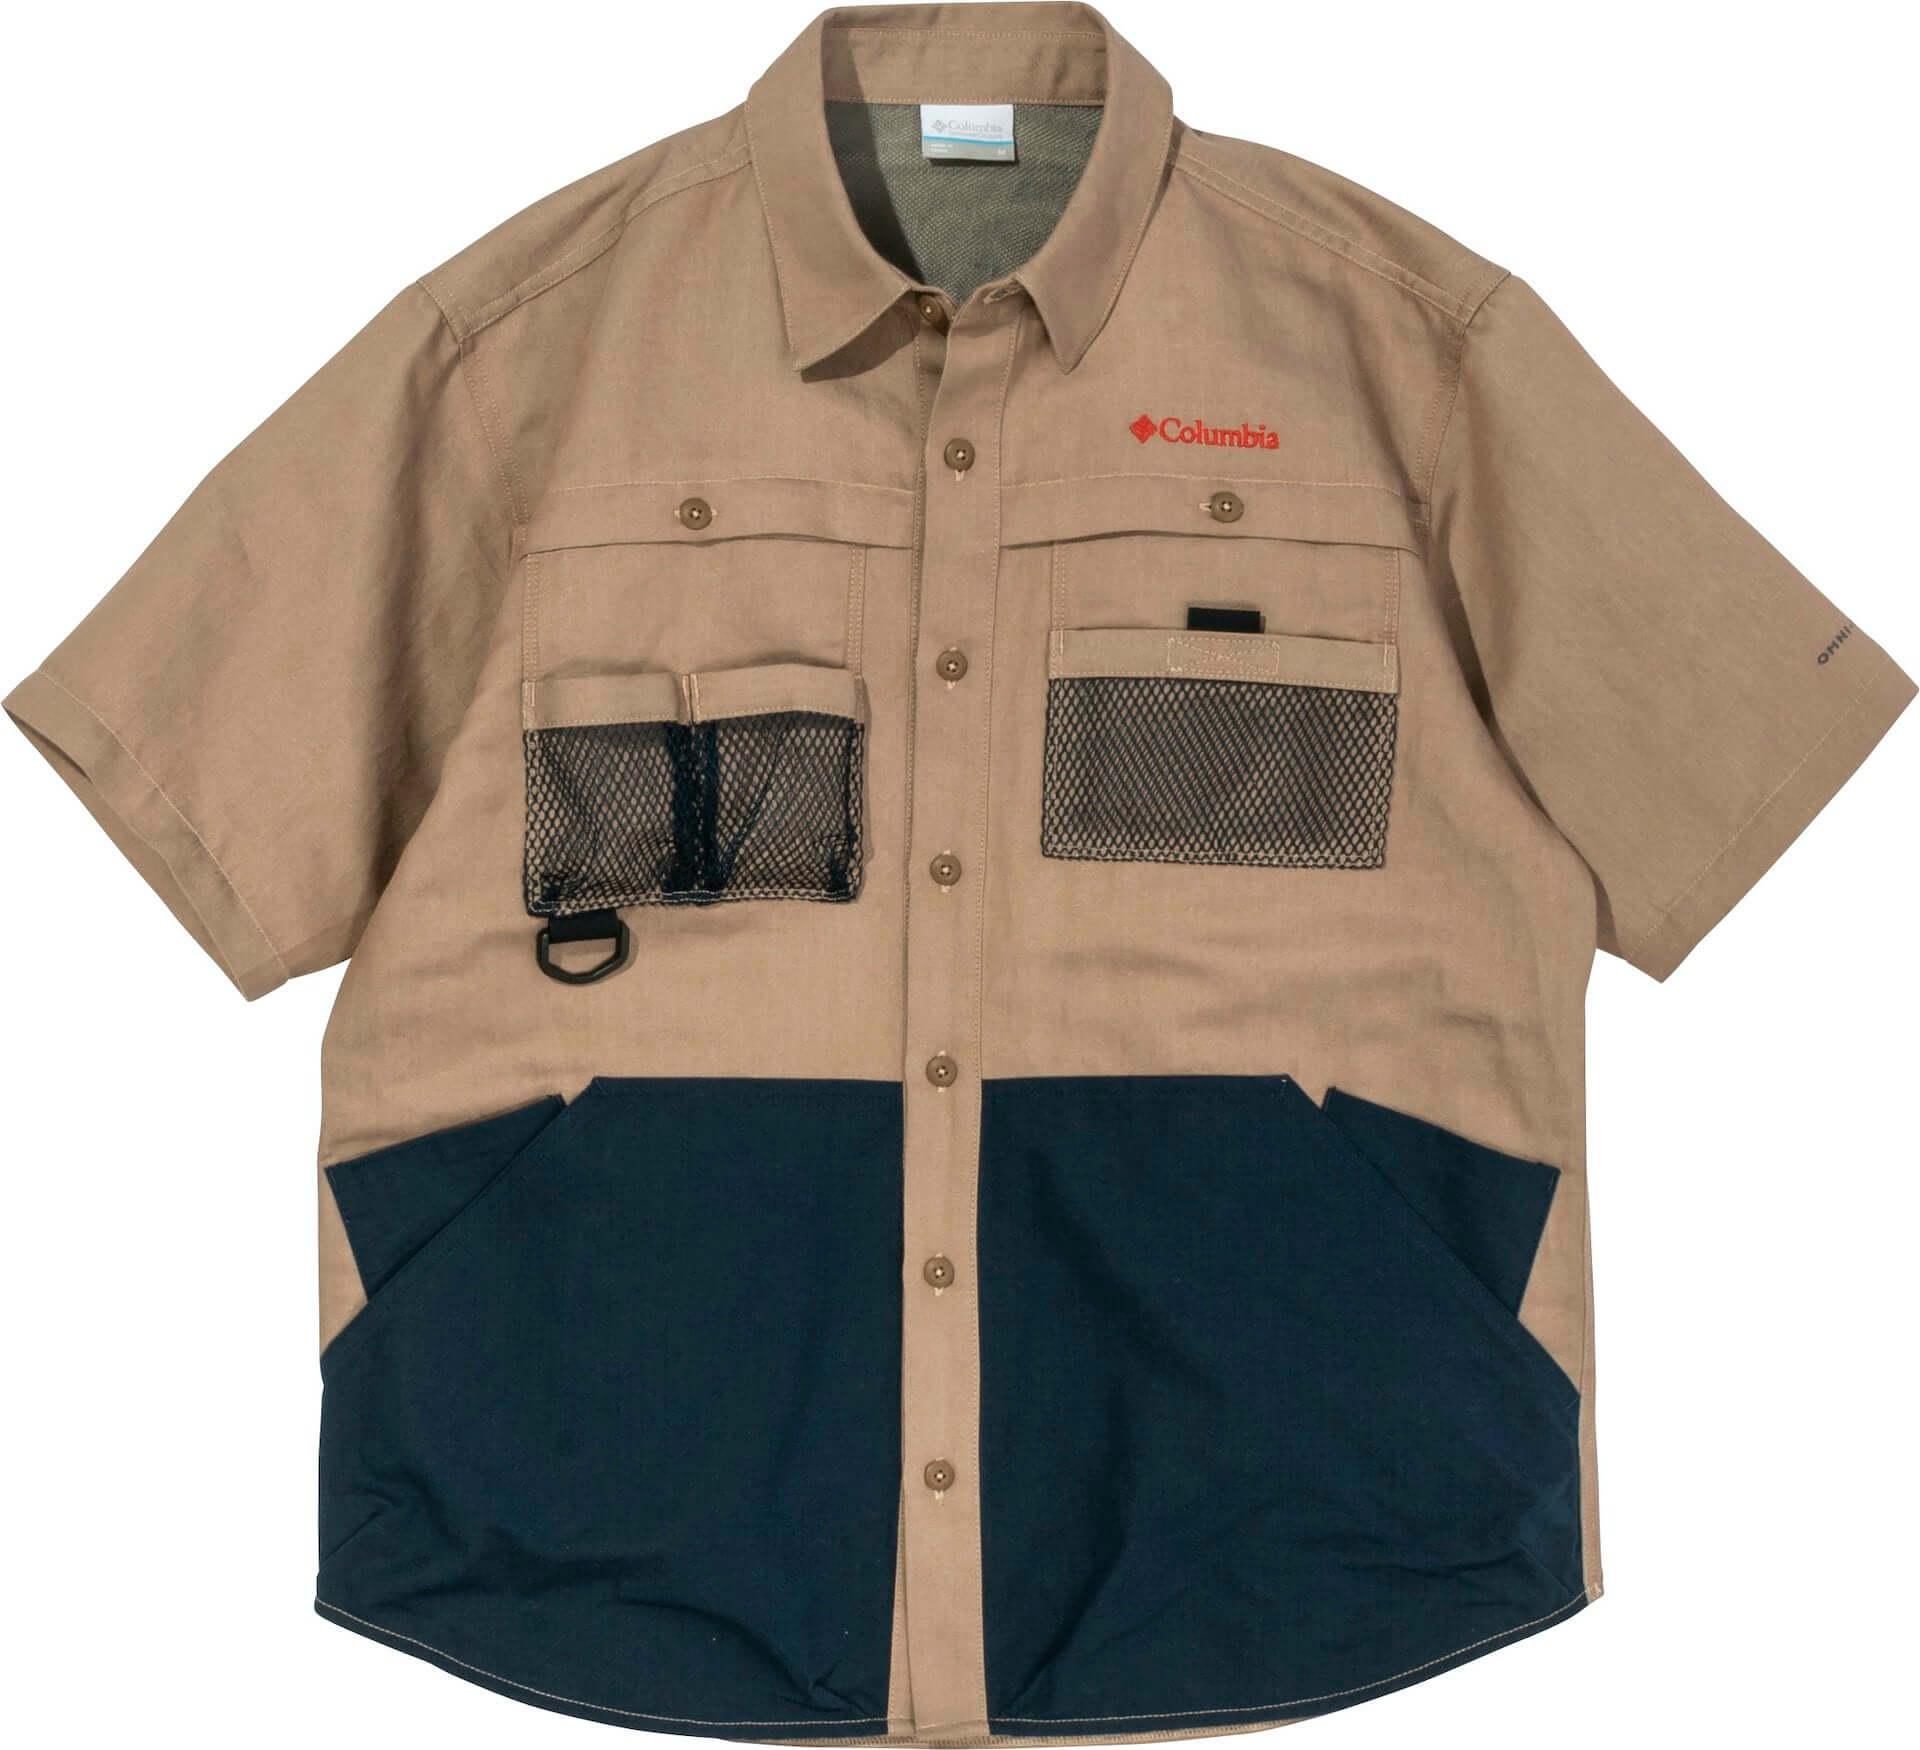 コロンビアとたけだバーベキューがコラボ!キャンプに最適な多機能シャツ、パンツ、シューズが発売決定 lf210210_coleman-takedabbq_8-1920x1750